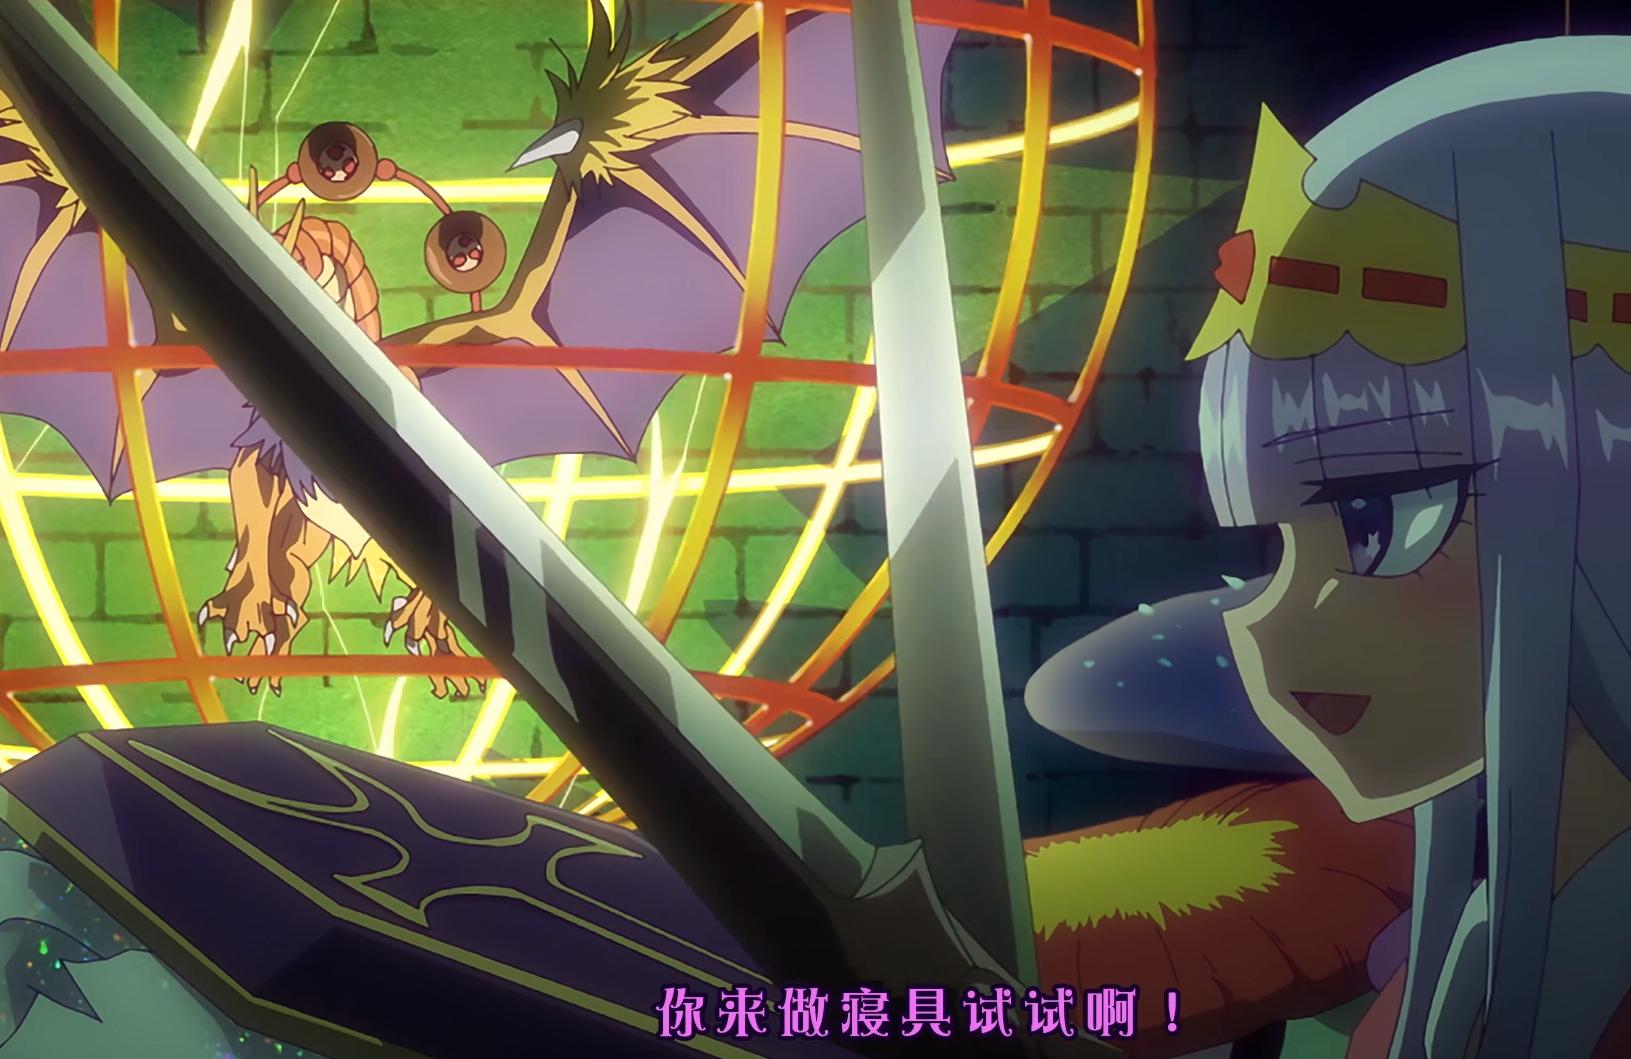 魔王勇者番,公主第一集就便当,谁才是真正的恶魔?